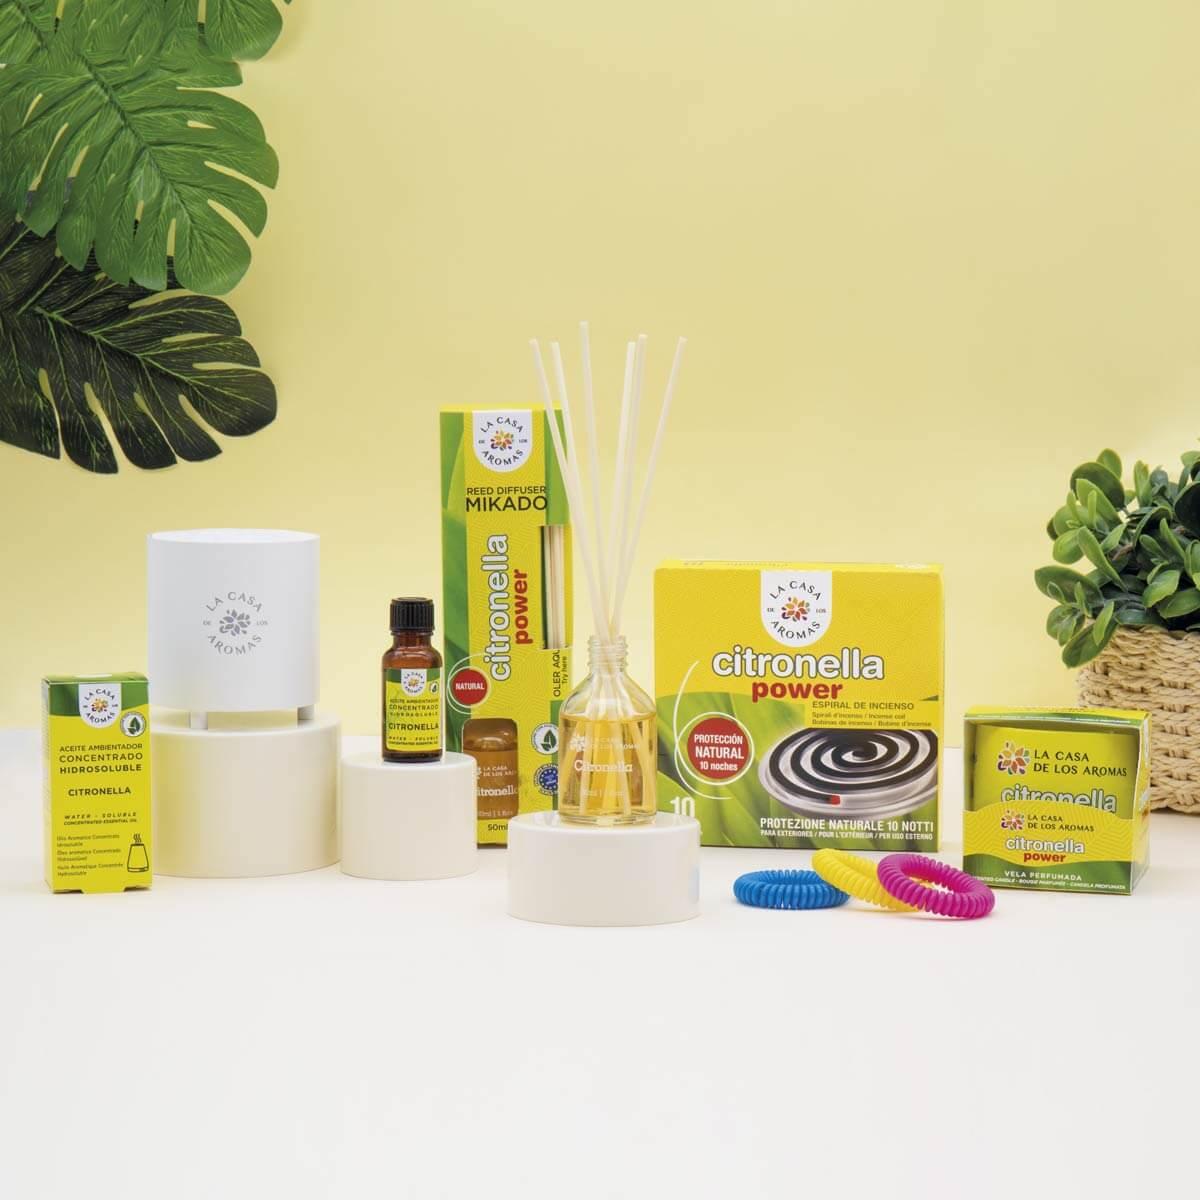 Productos de La casa de los aromas que contienen aceite esencial de citronela